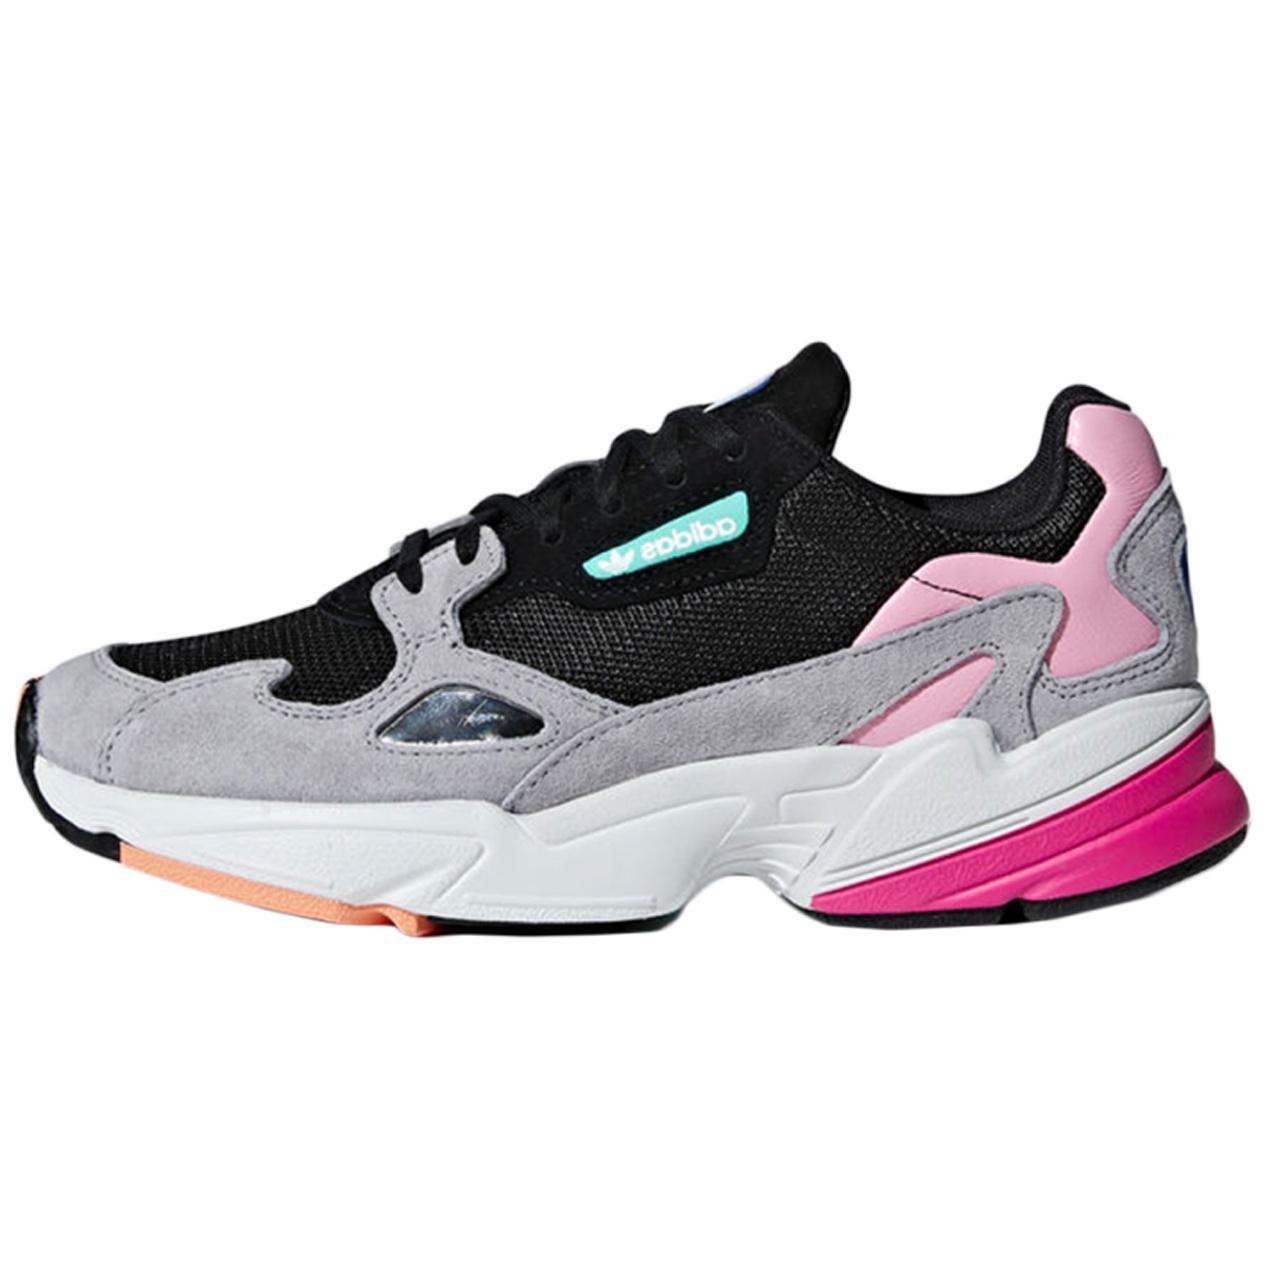 کفش مخصوص  پیاده روی زنانه آدیداس مدل Falcon  کد 676001